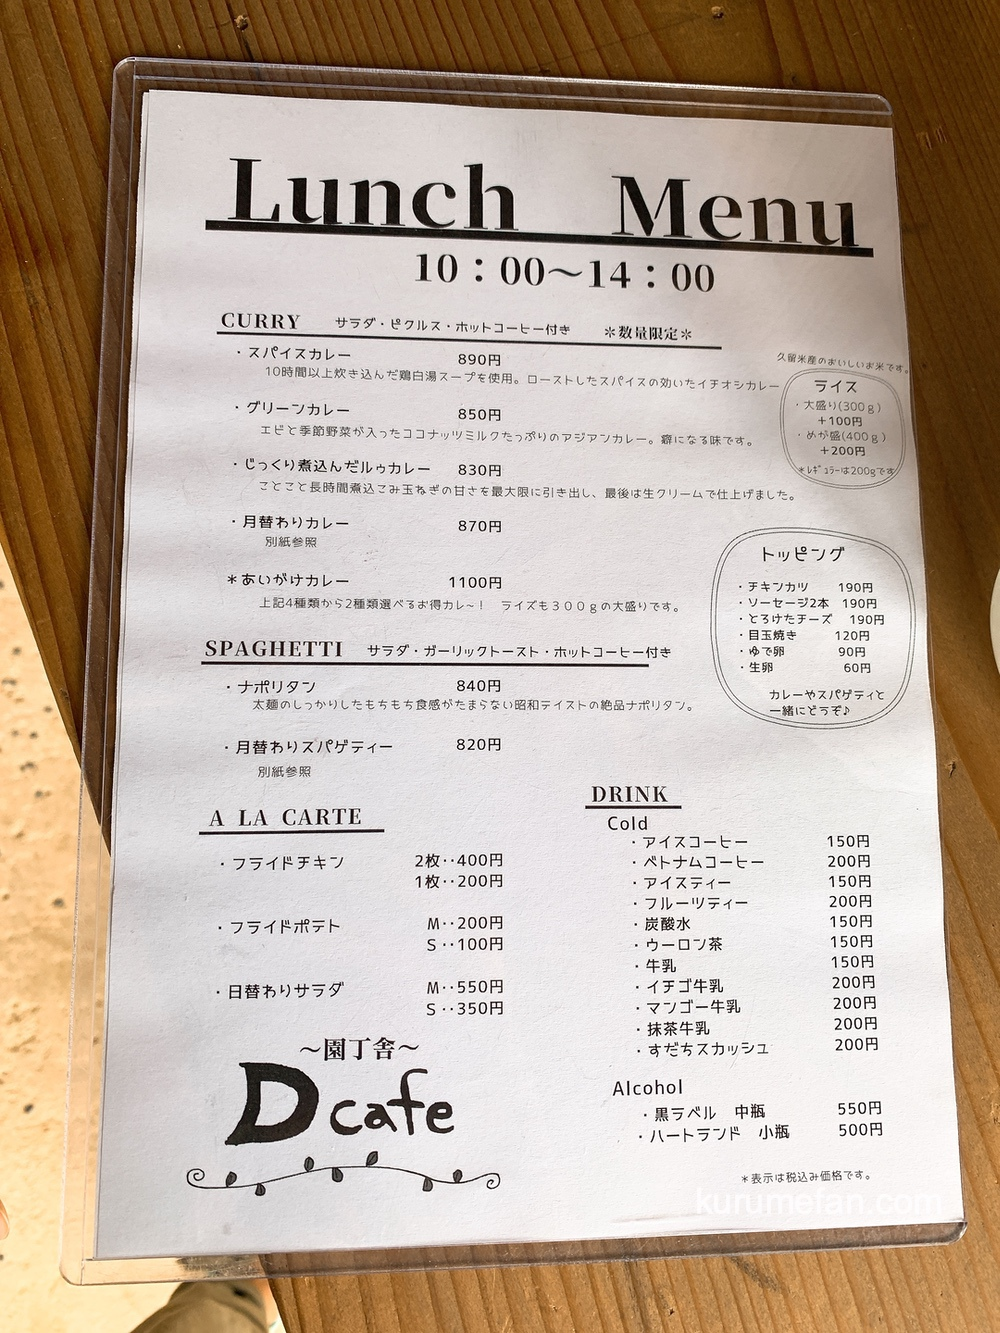 園丁舎 Dカフェ ランチメニュー表